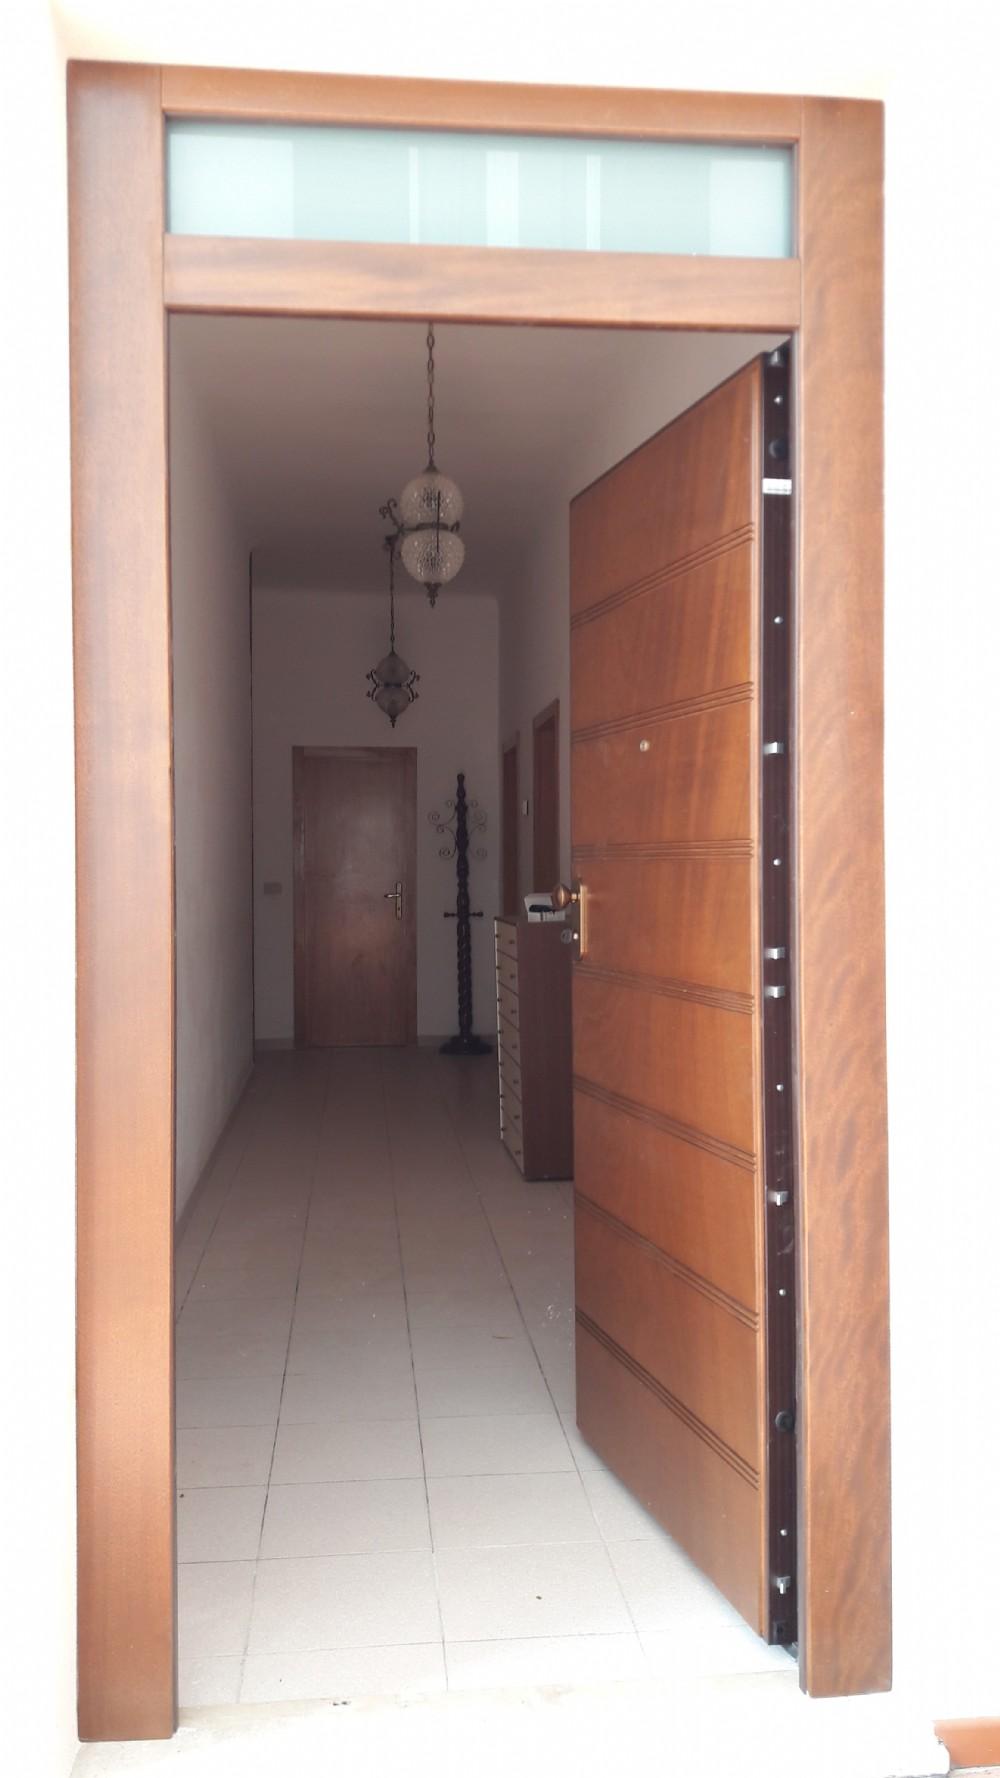 Tersicur - Giovanni Termite, assistenza porte blindate e serrature